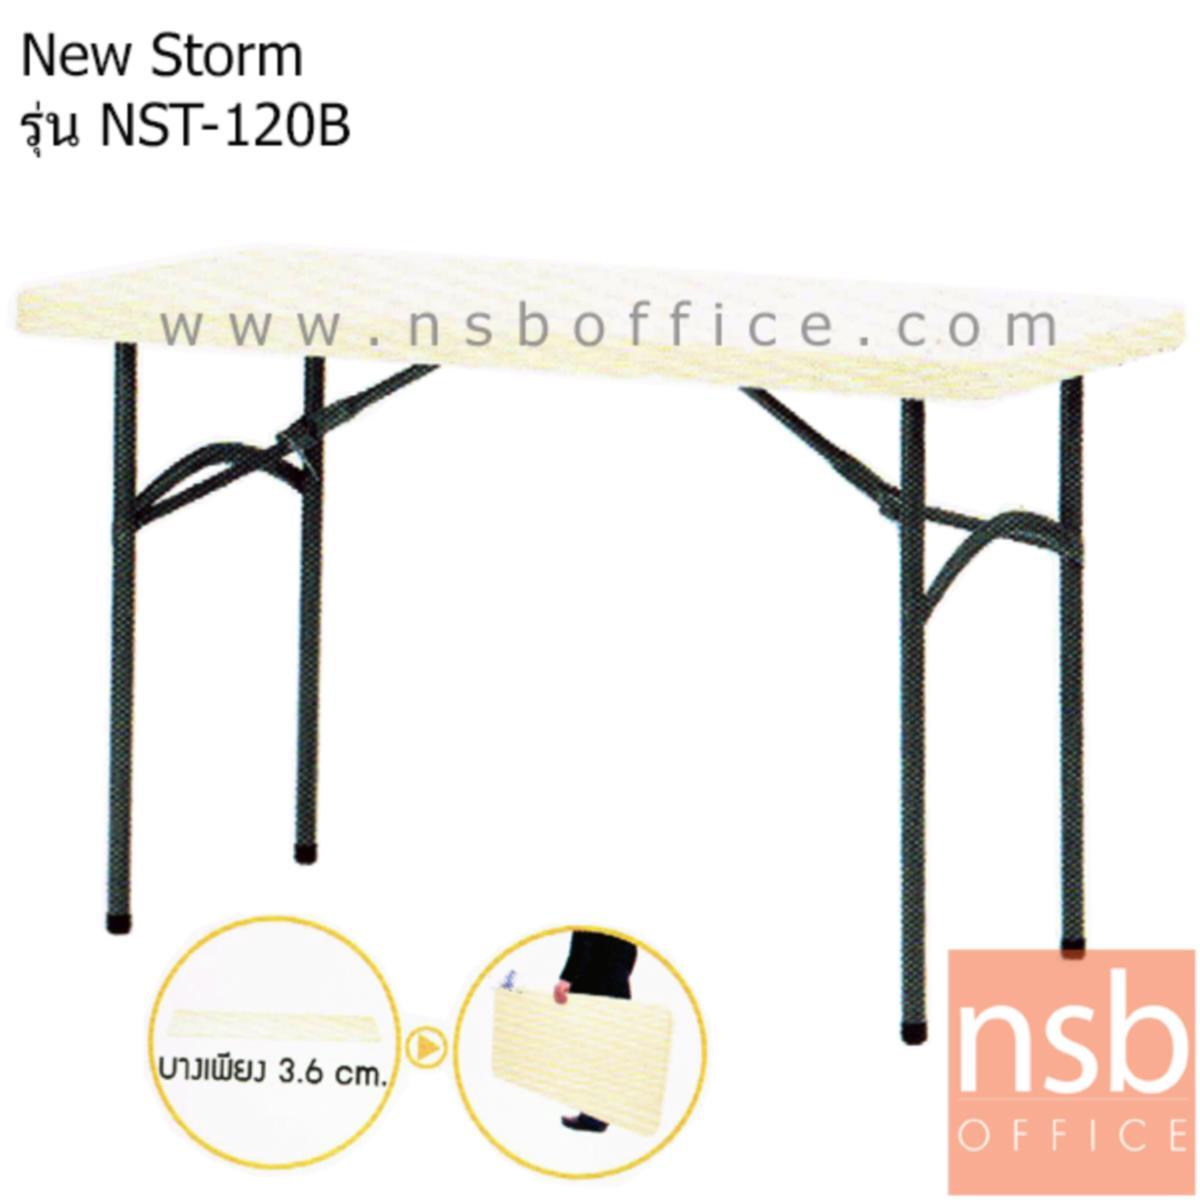 โต๊ะพับหน้าพลาสติก รุ่น Newburry (นิวเบอรี่) ขนาด 121W cm.  ขาเหล็กพ่นสี